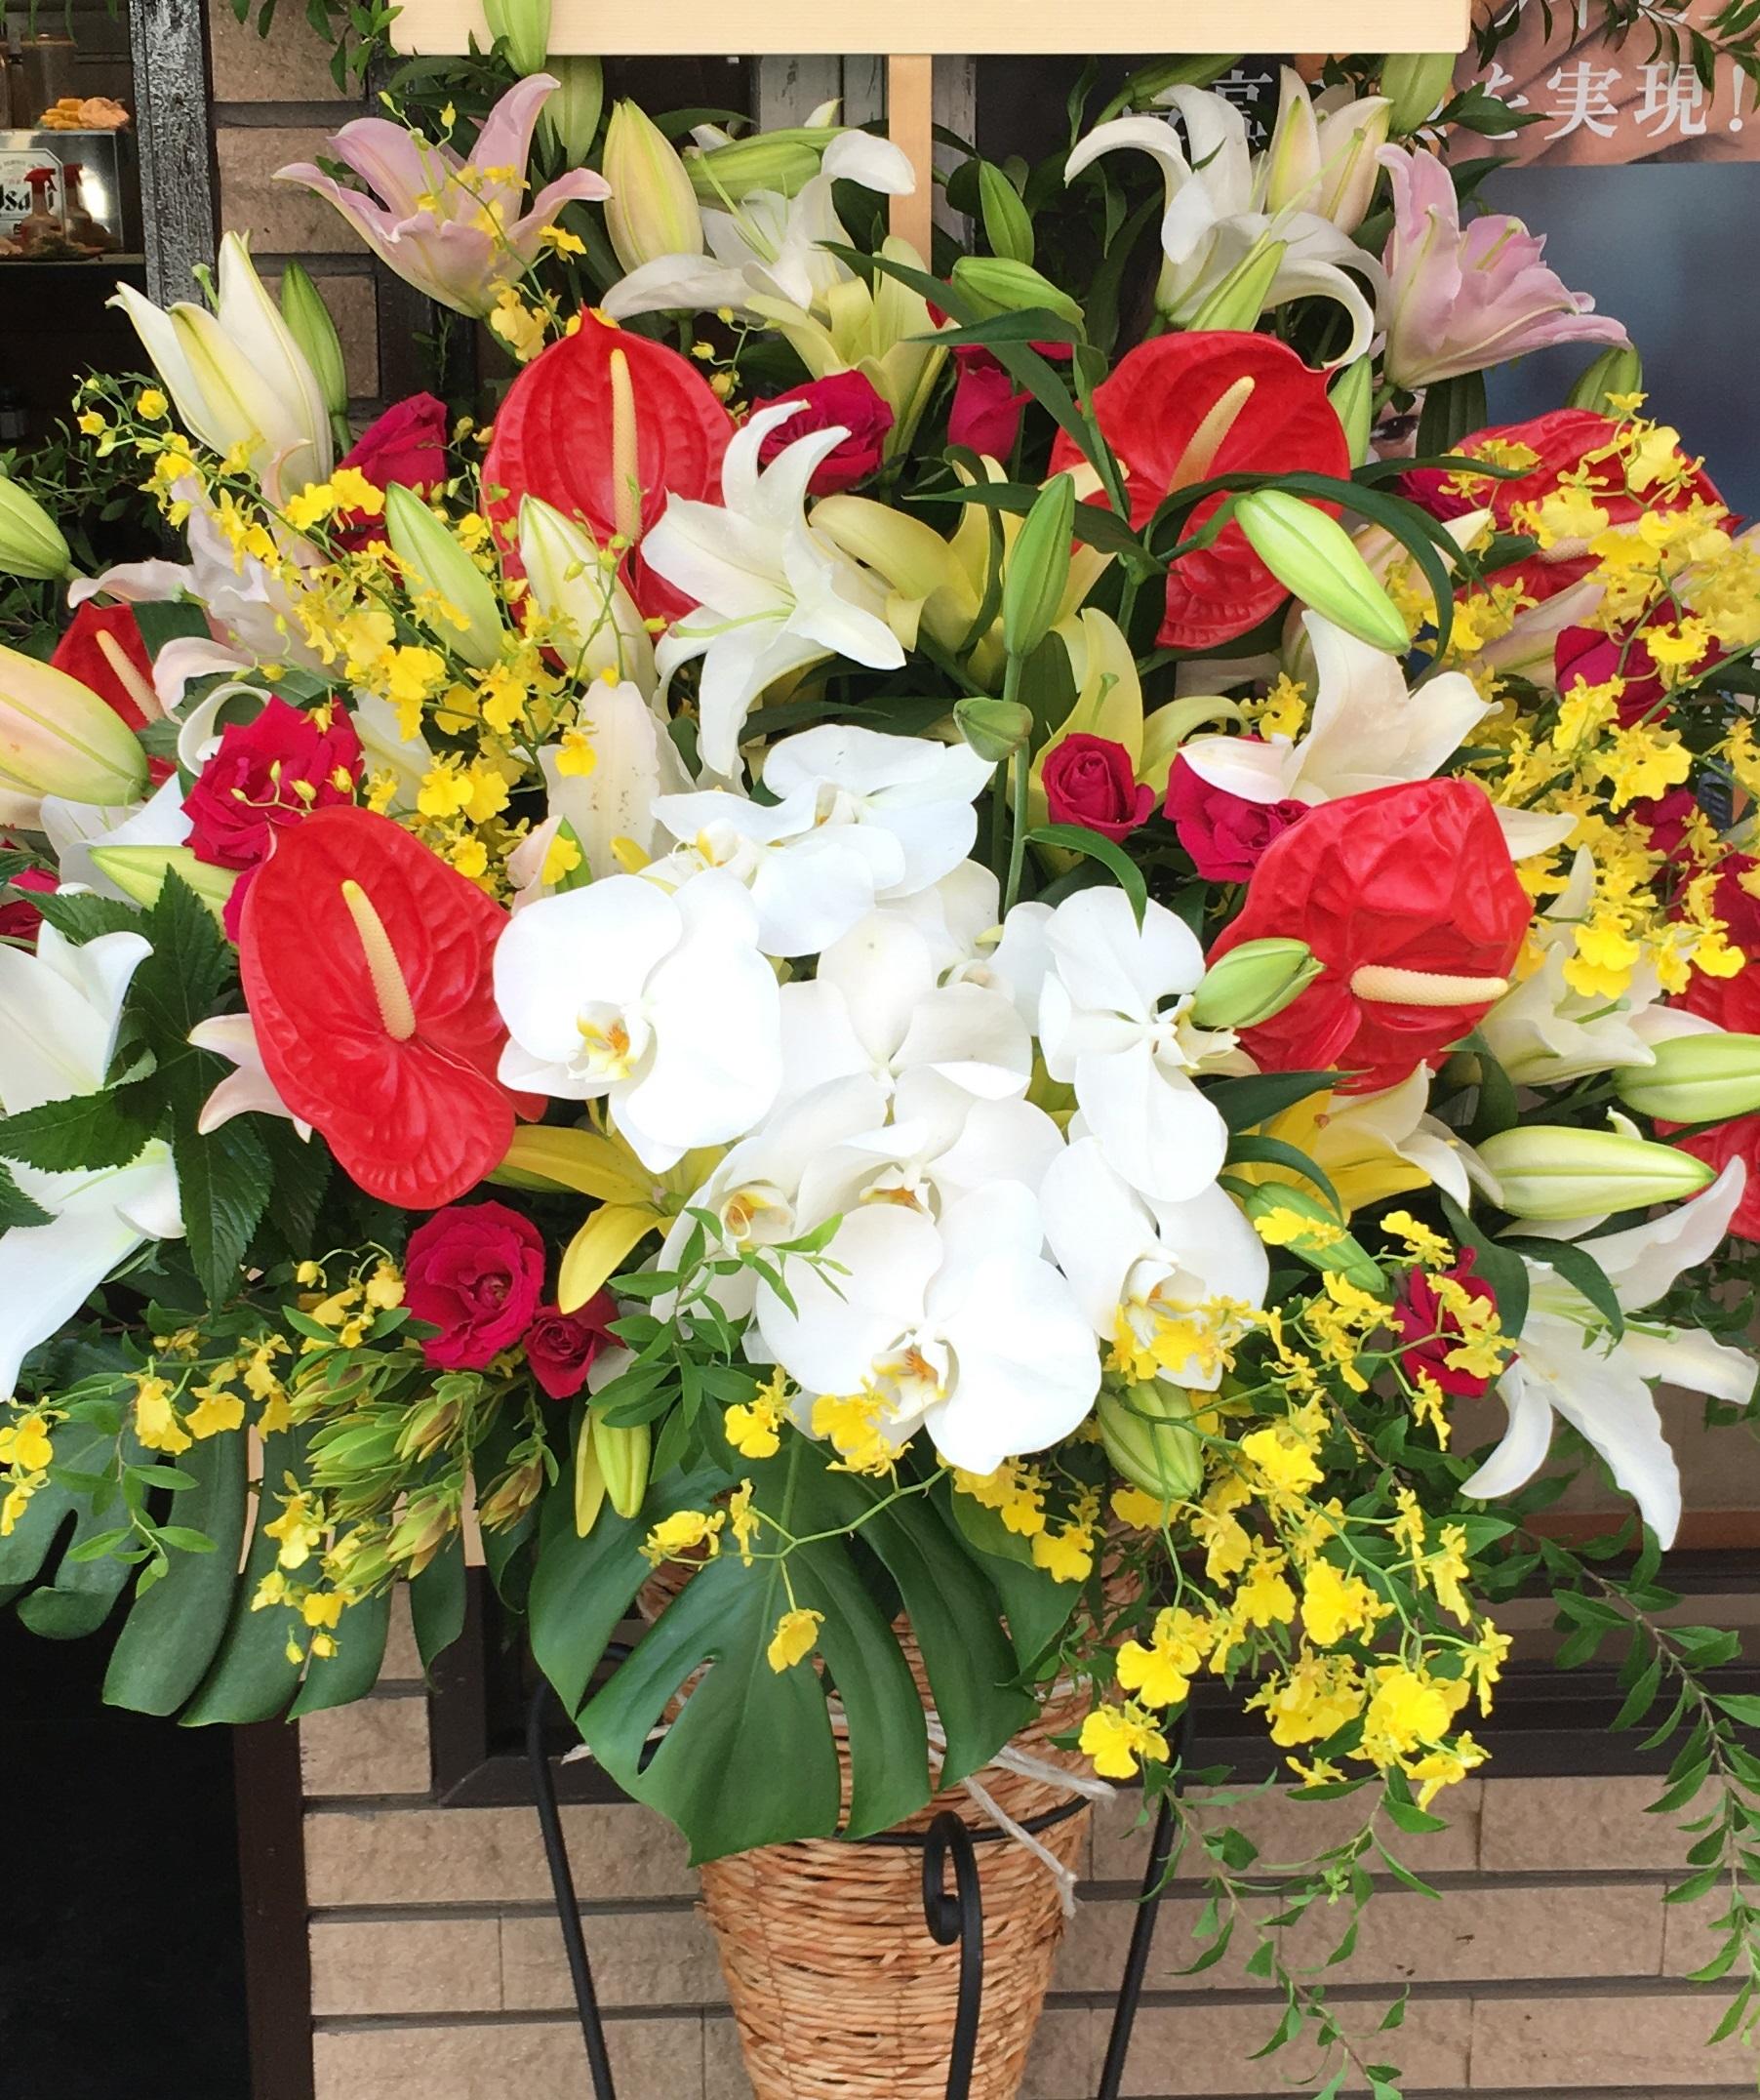 【ナオ花屋の納品事例214】横浜市関内尾上町へバルーンアレンジメントを即日当日配達しました!